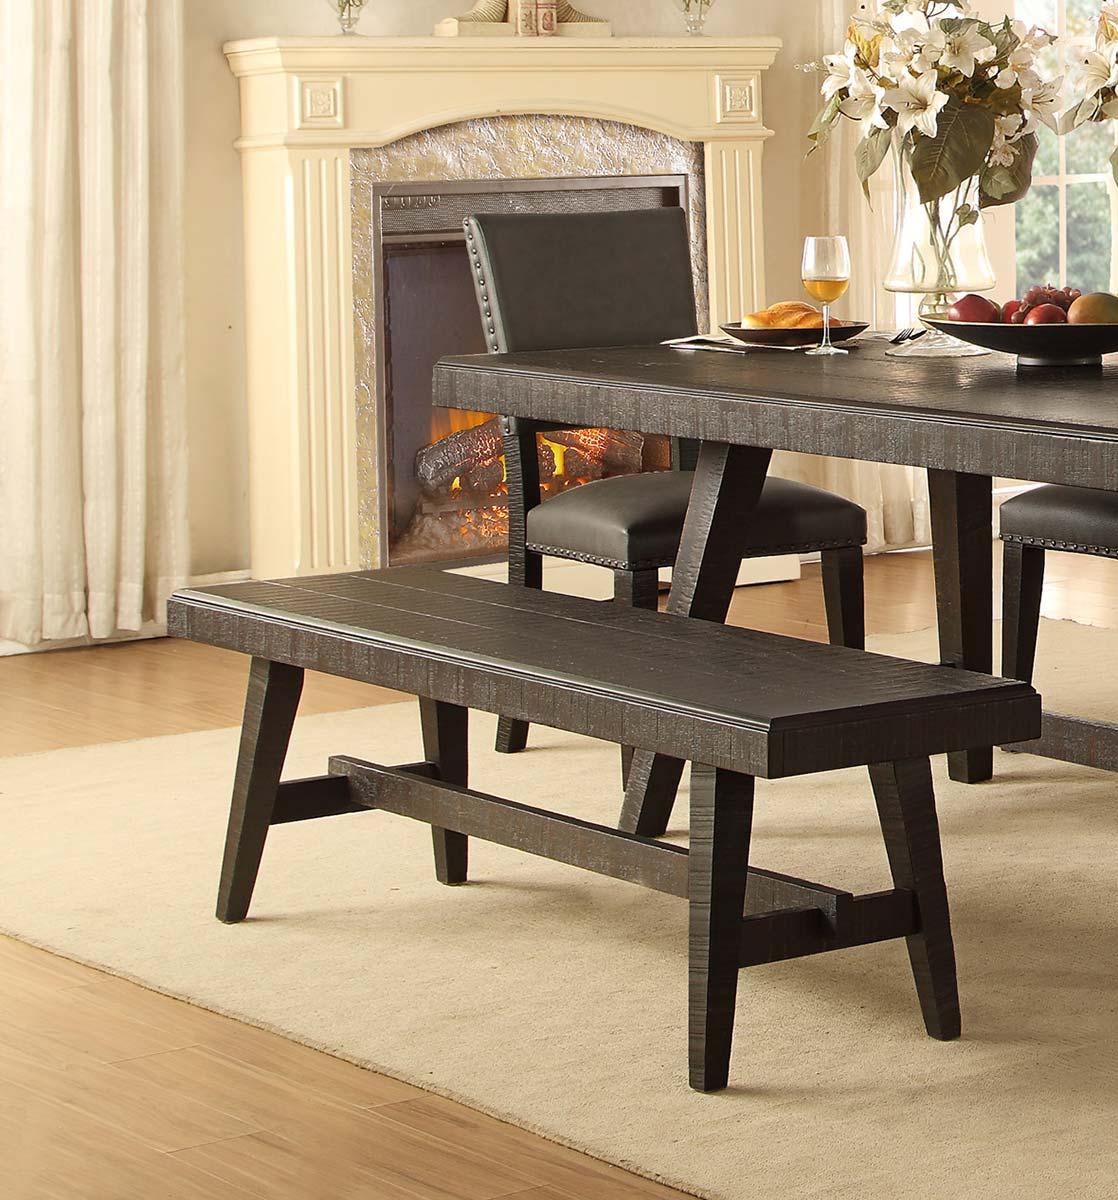 Homelegance Fenwick 60-inch Bench - Dark Gray